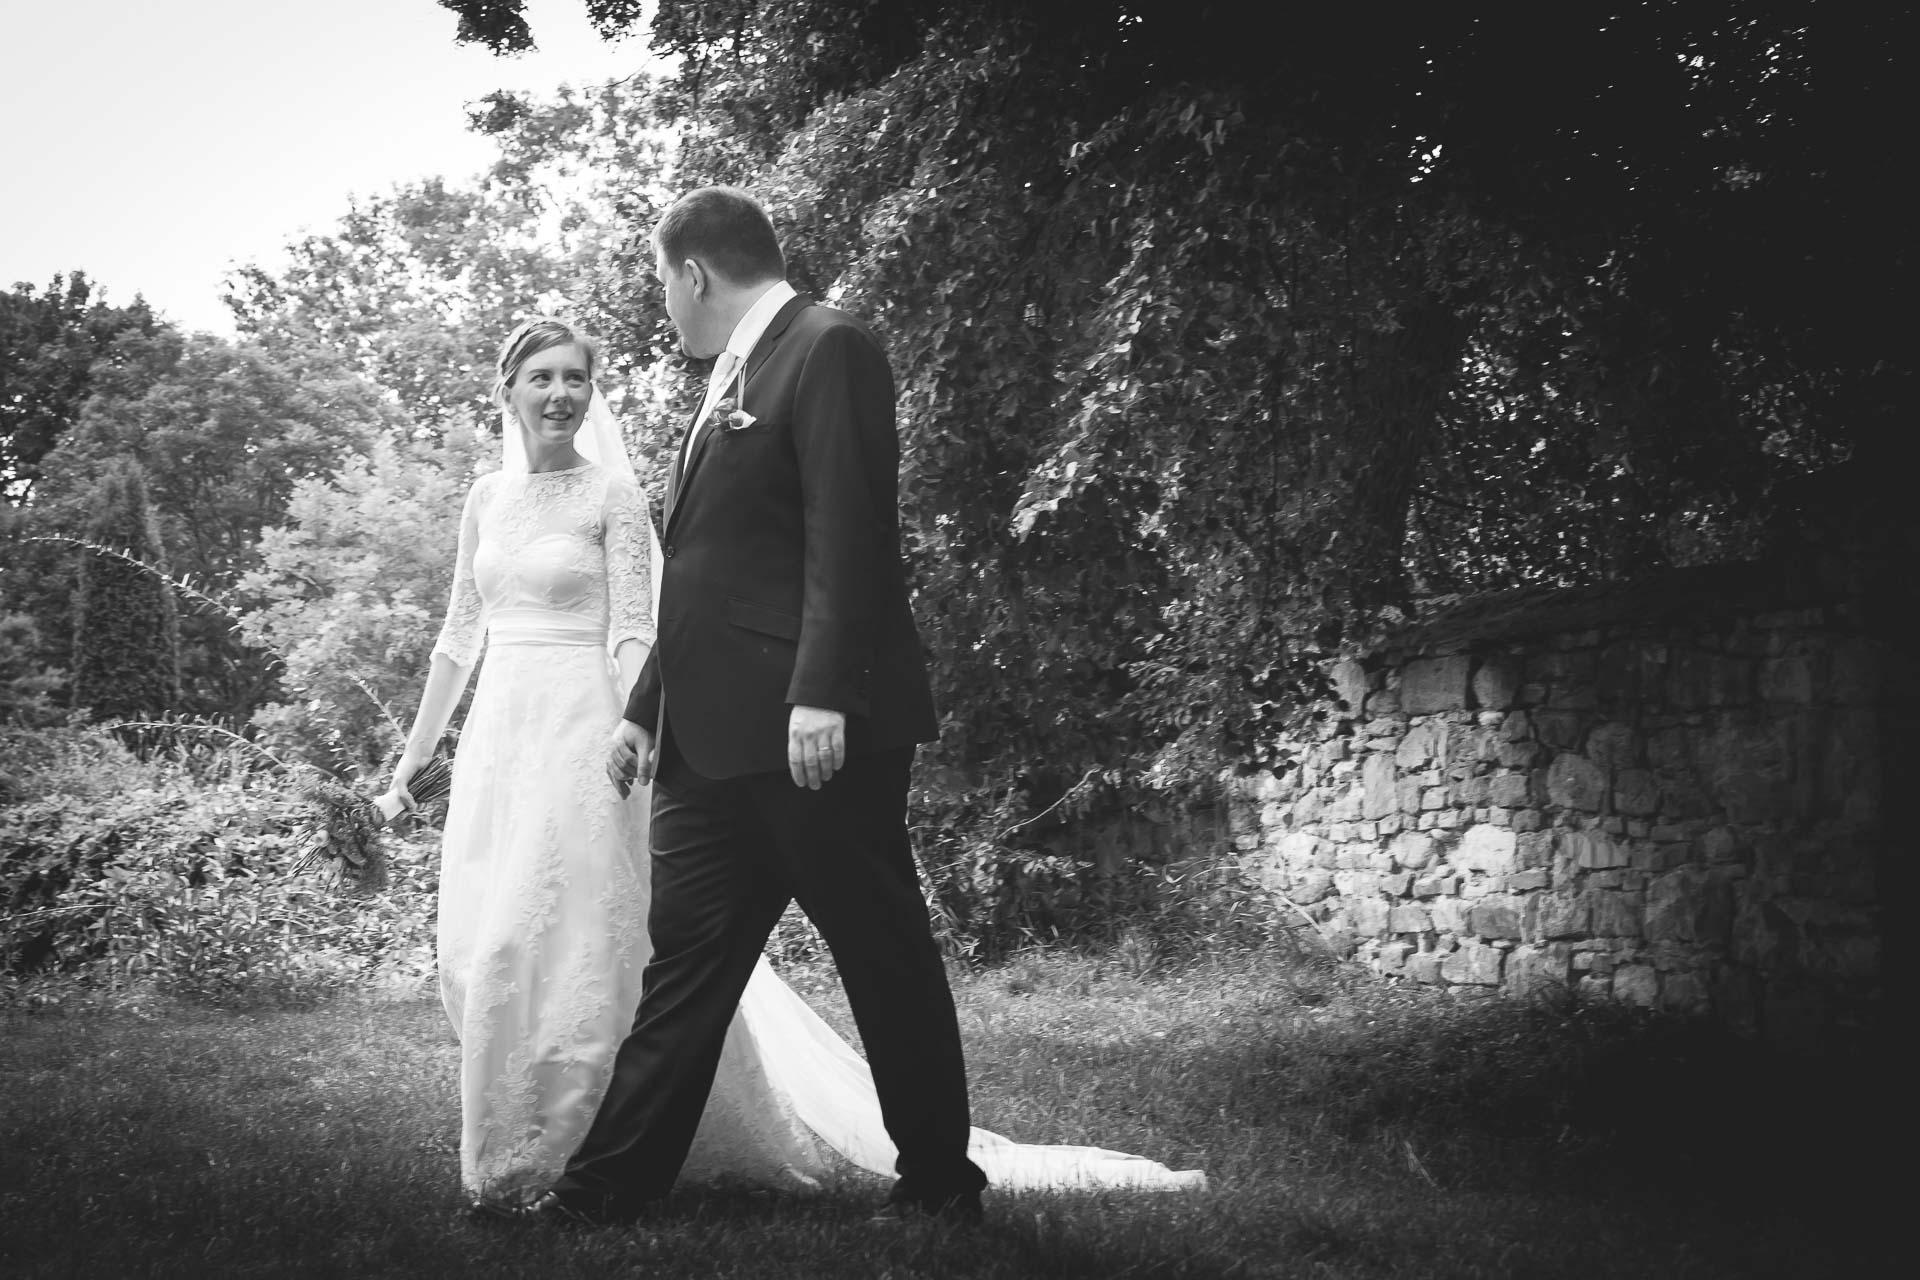 svatební fotograf Lysá nad Labem, penzion Polabí Přerov nad Labem, letní svatba-228